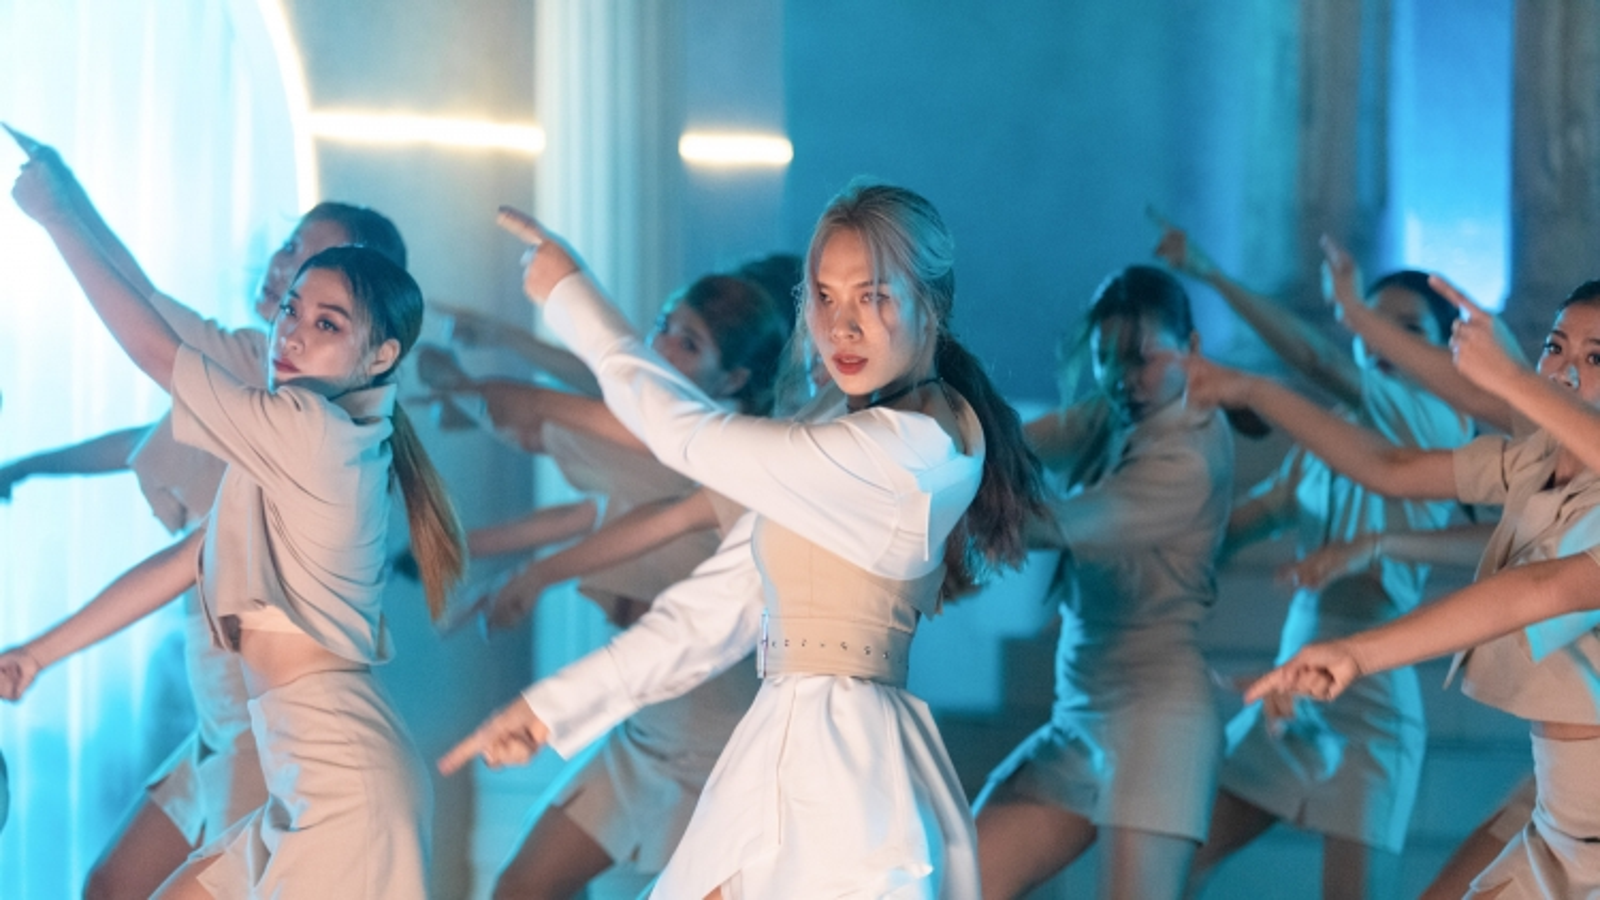 """Mỹ Tâm lúc dịu dàng, lúc mạnh mẽ trong MV mới """"Đúng cũng thành sai"""""""